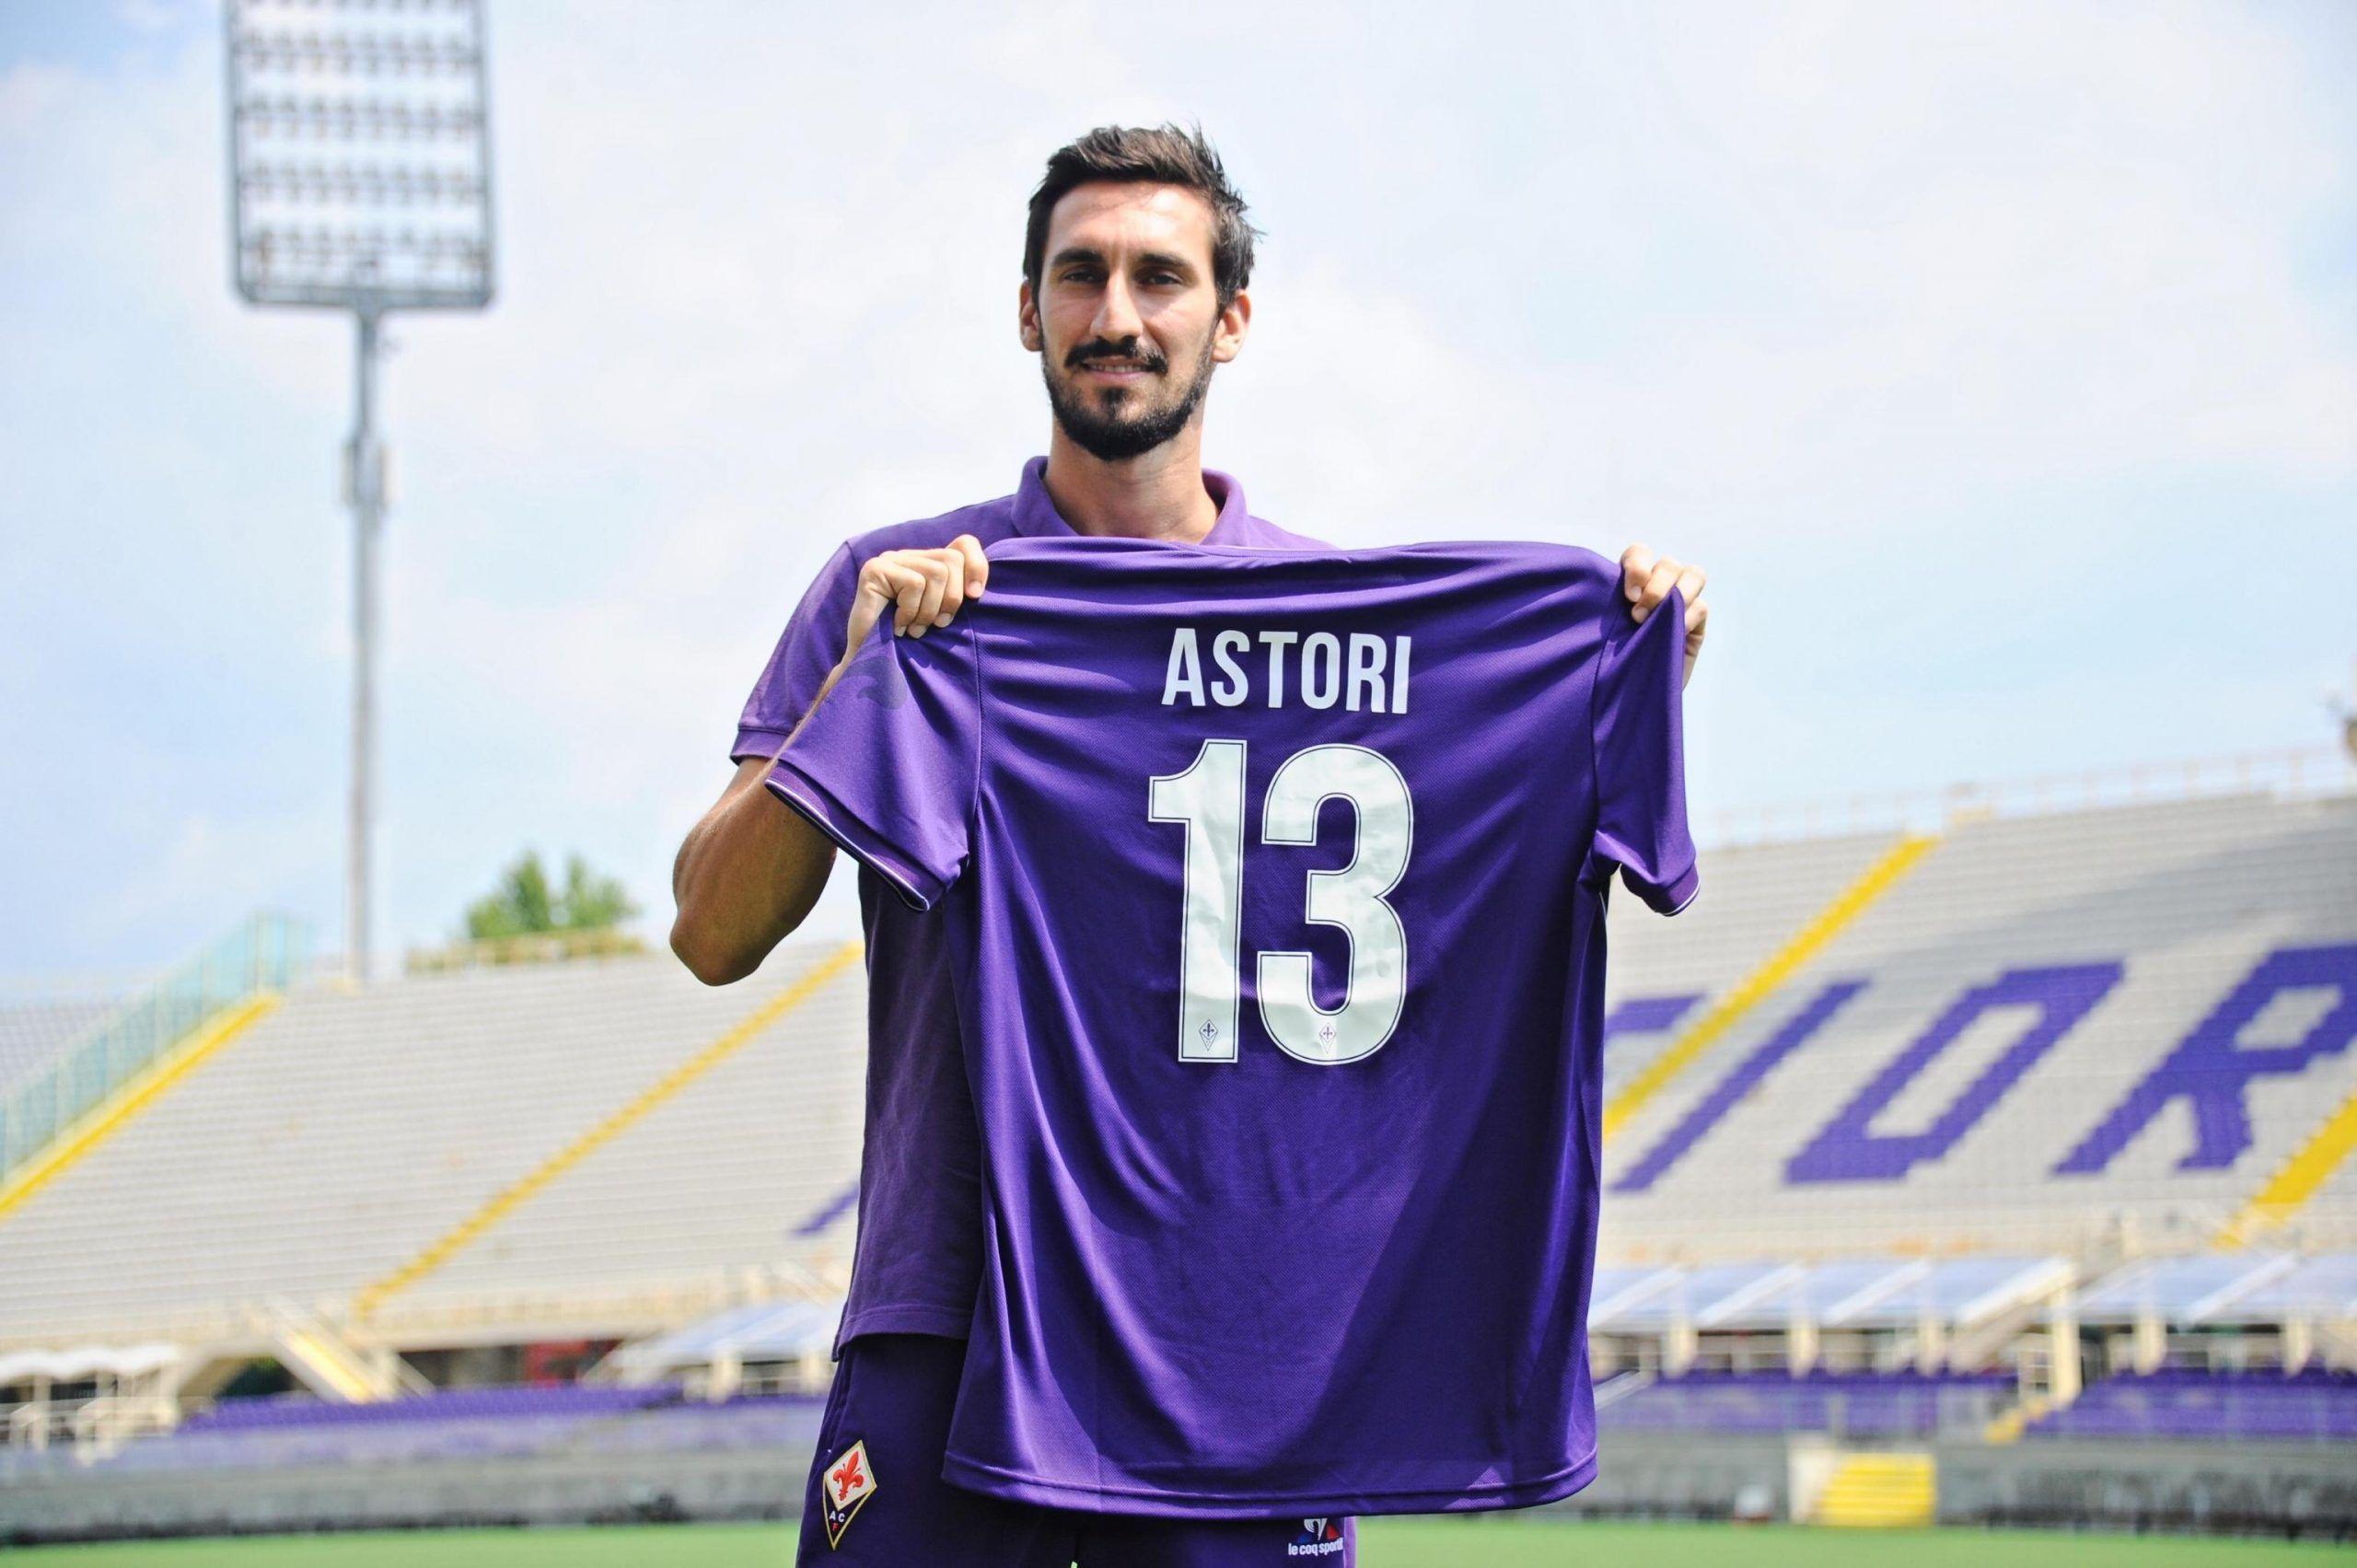 Davide Astori morto: giusto fermare il calcio?